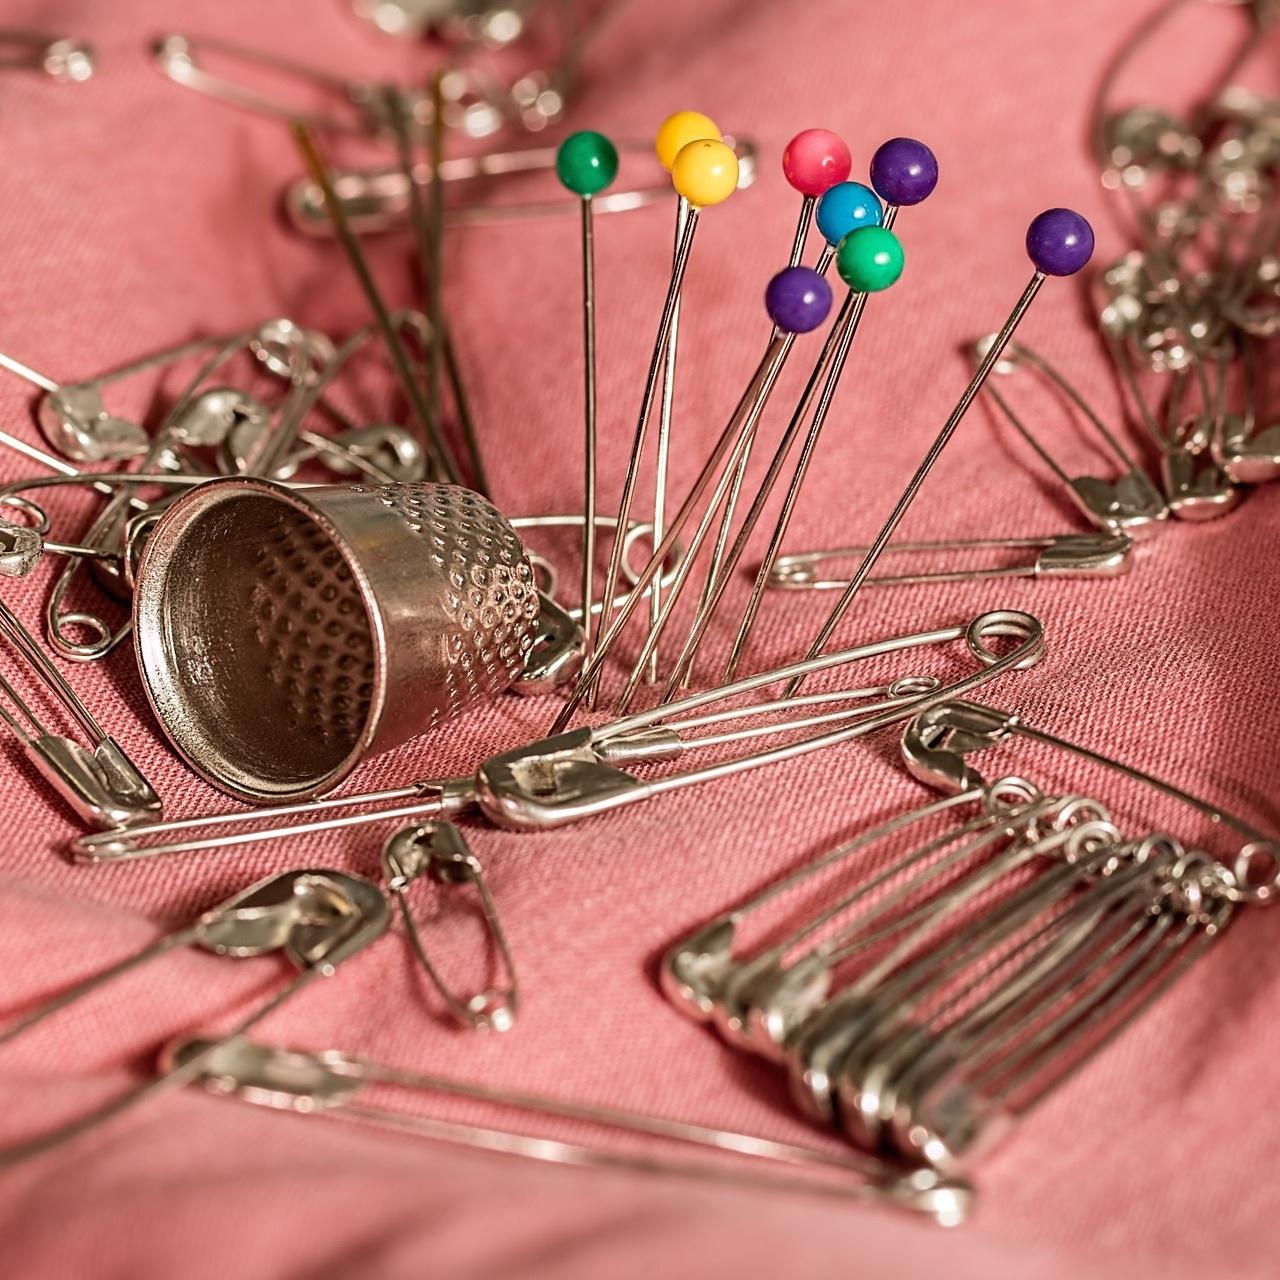 sewing-661992_1920.jpg